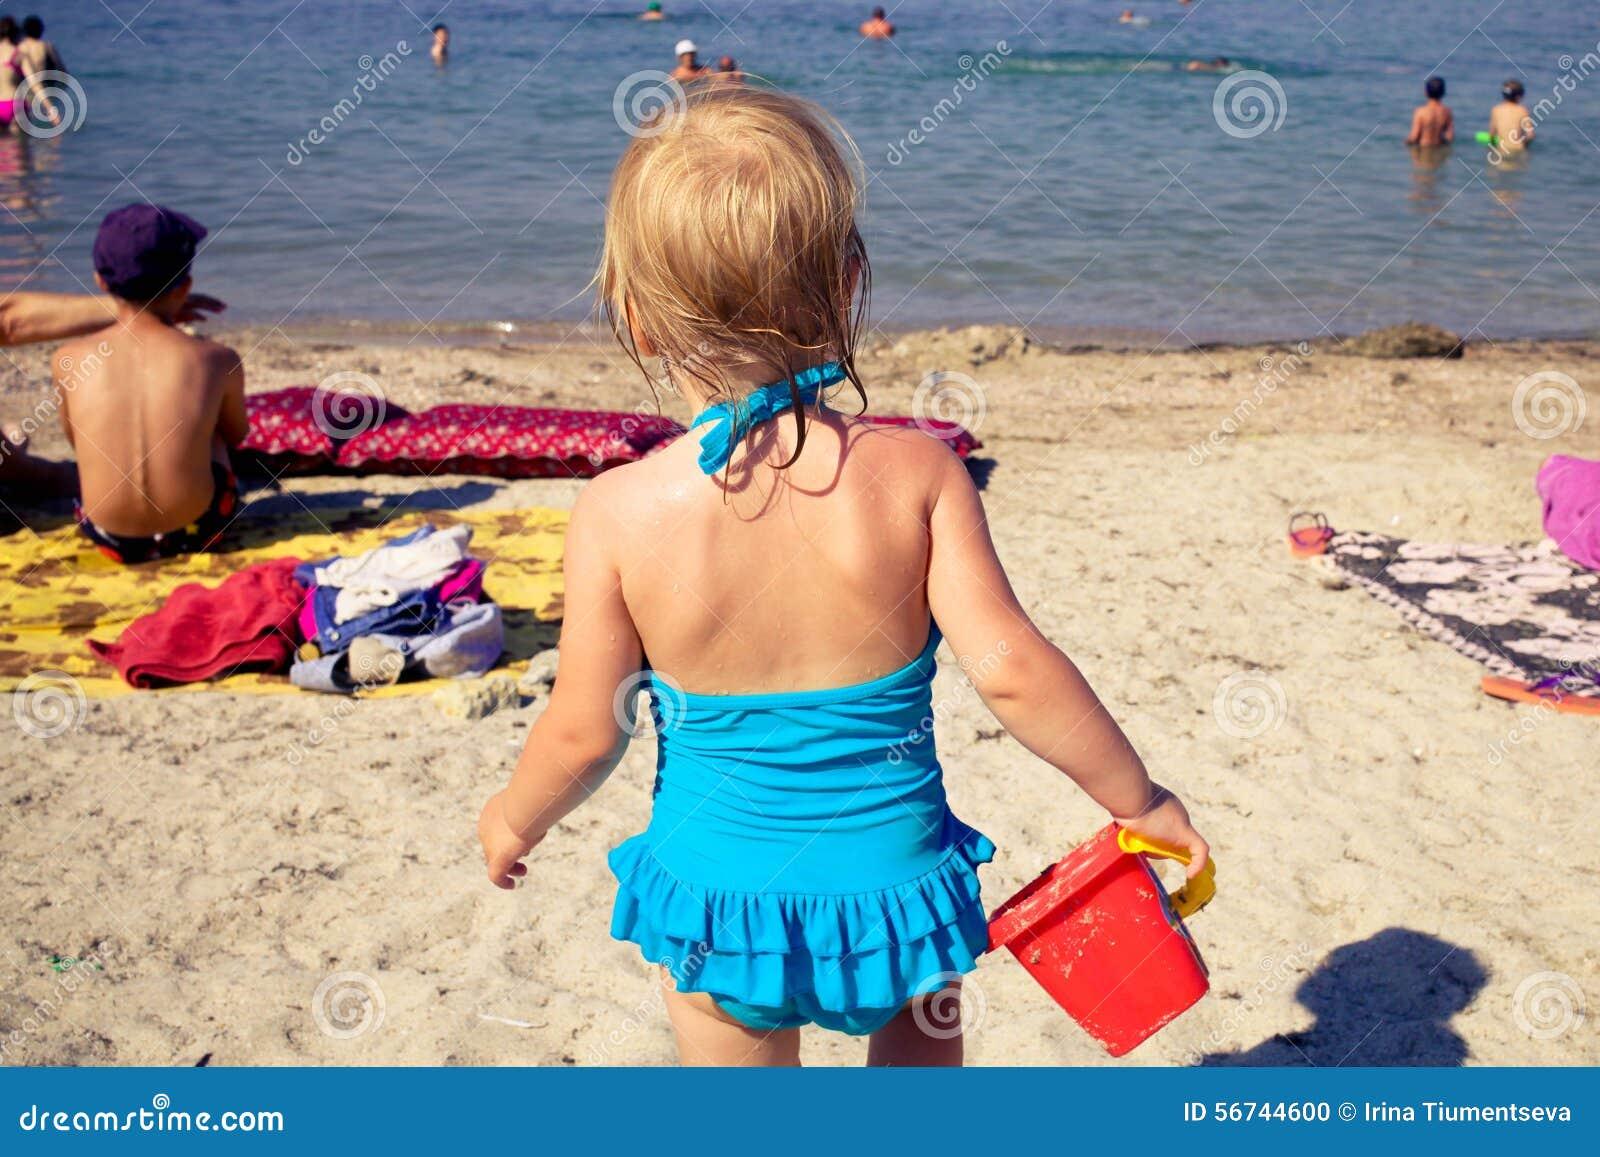 Девушка идет на море